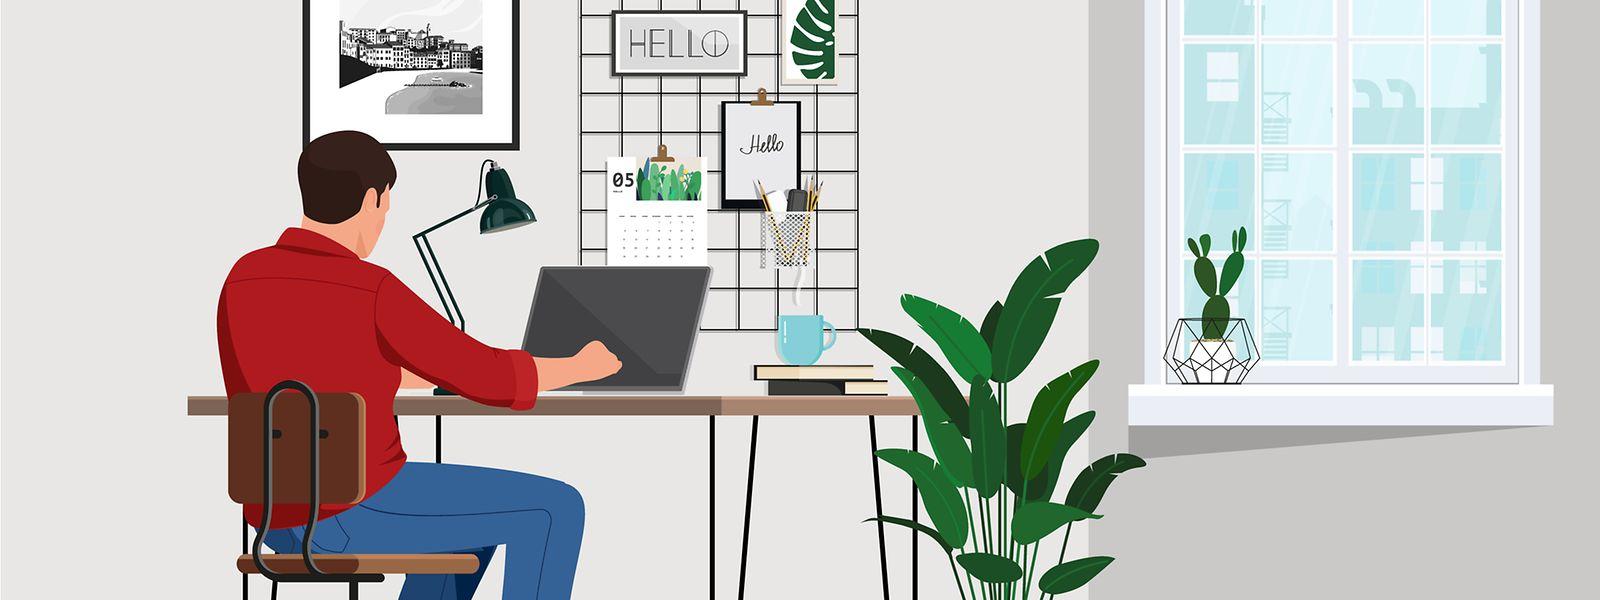 Es klingt unheimlich verlockend: mit dem PC im Bett lümmeln ... doch das sorgt nicht gerade für Effizienz. Darum heißt es auch: ab an den Schreibtisch!